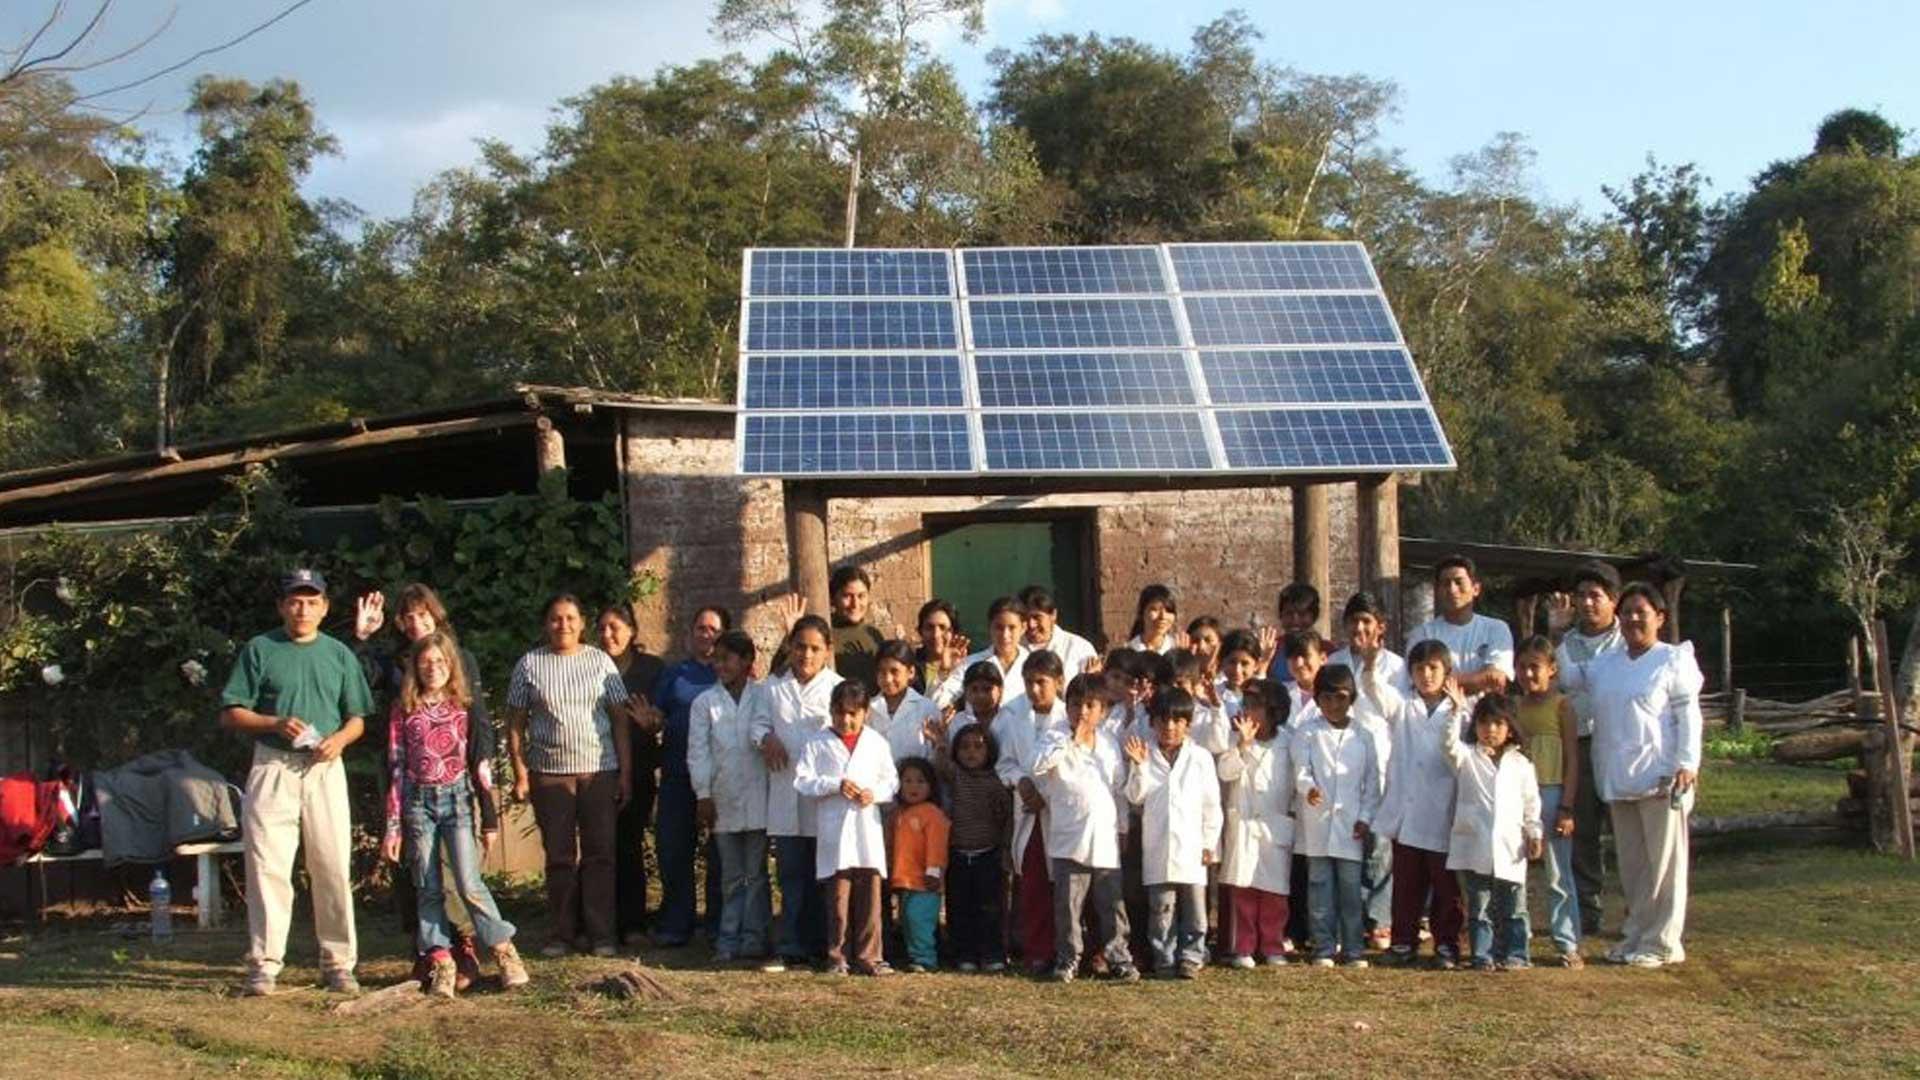 Energía solar, una esperanza para las escuelas rurales argentinas - Infobae